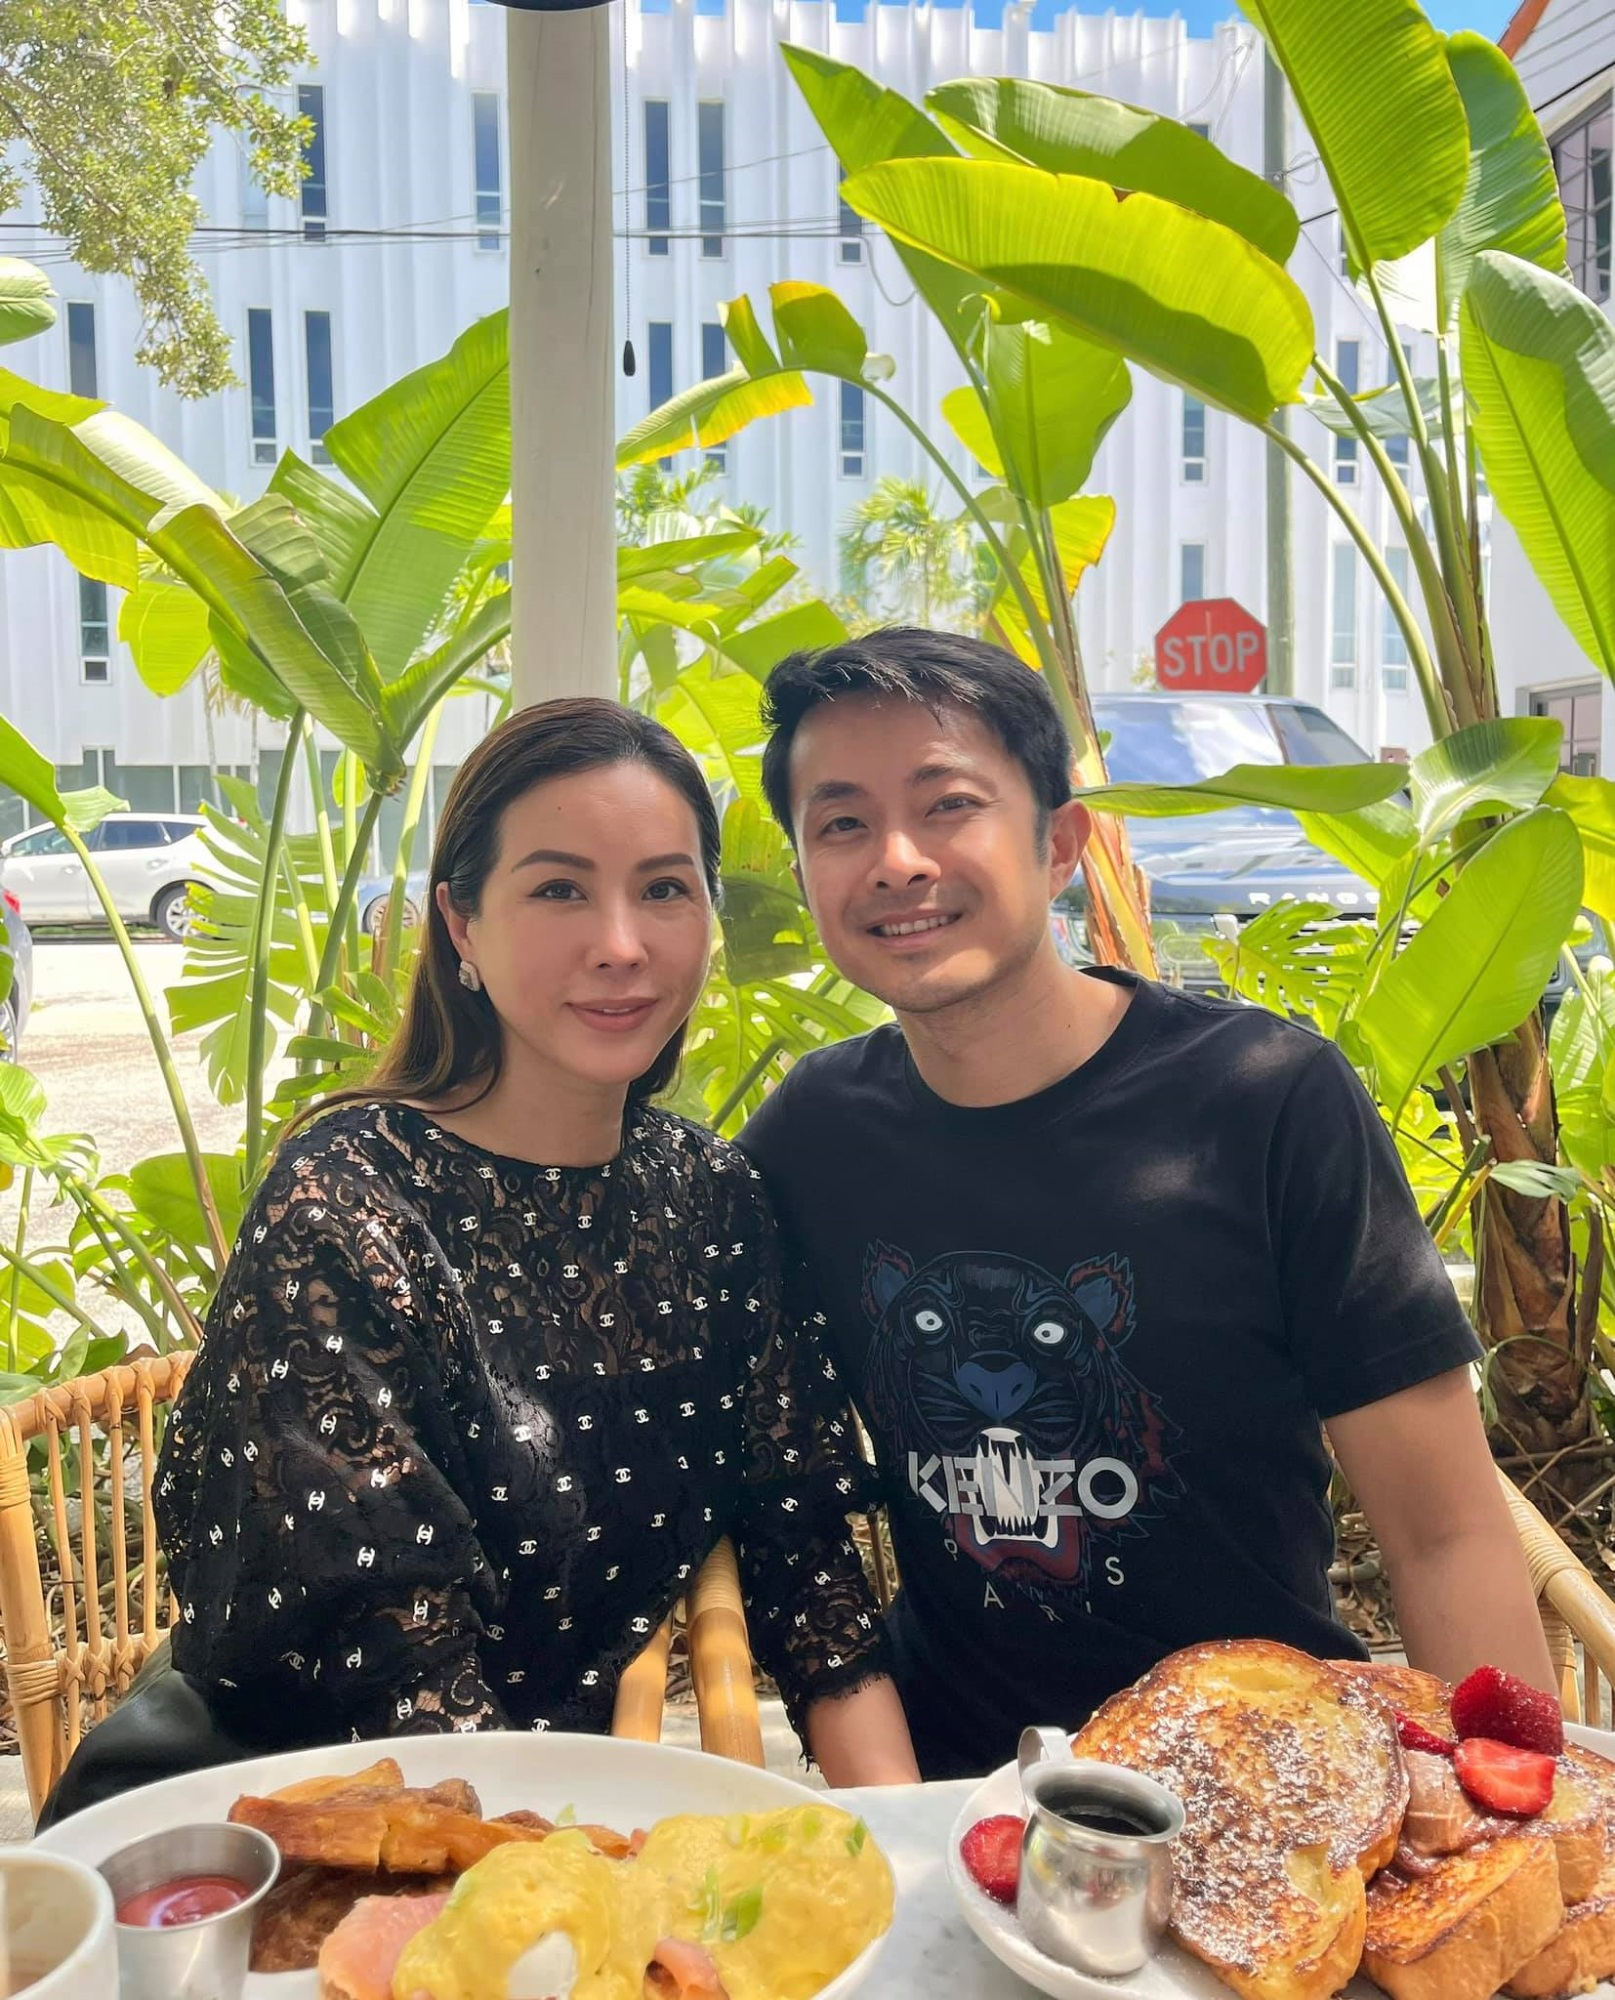 Hôn nhân tan vỡ, mỹ nhân Việt nên duyên cùng tình trẻ: Người được cưng chiều hết nấc, người kết hôn cùng 'phi công' kém 10 tuổi  - Ảnh 7